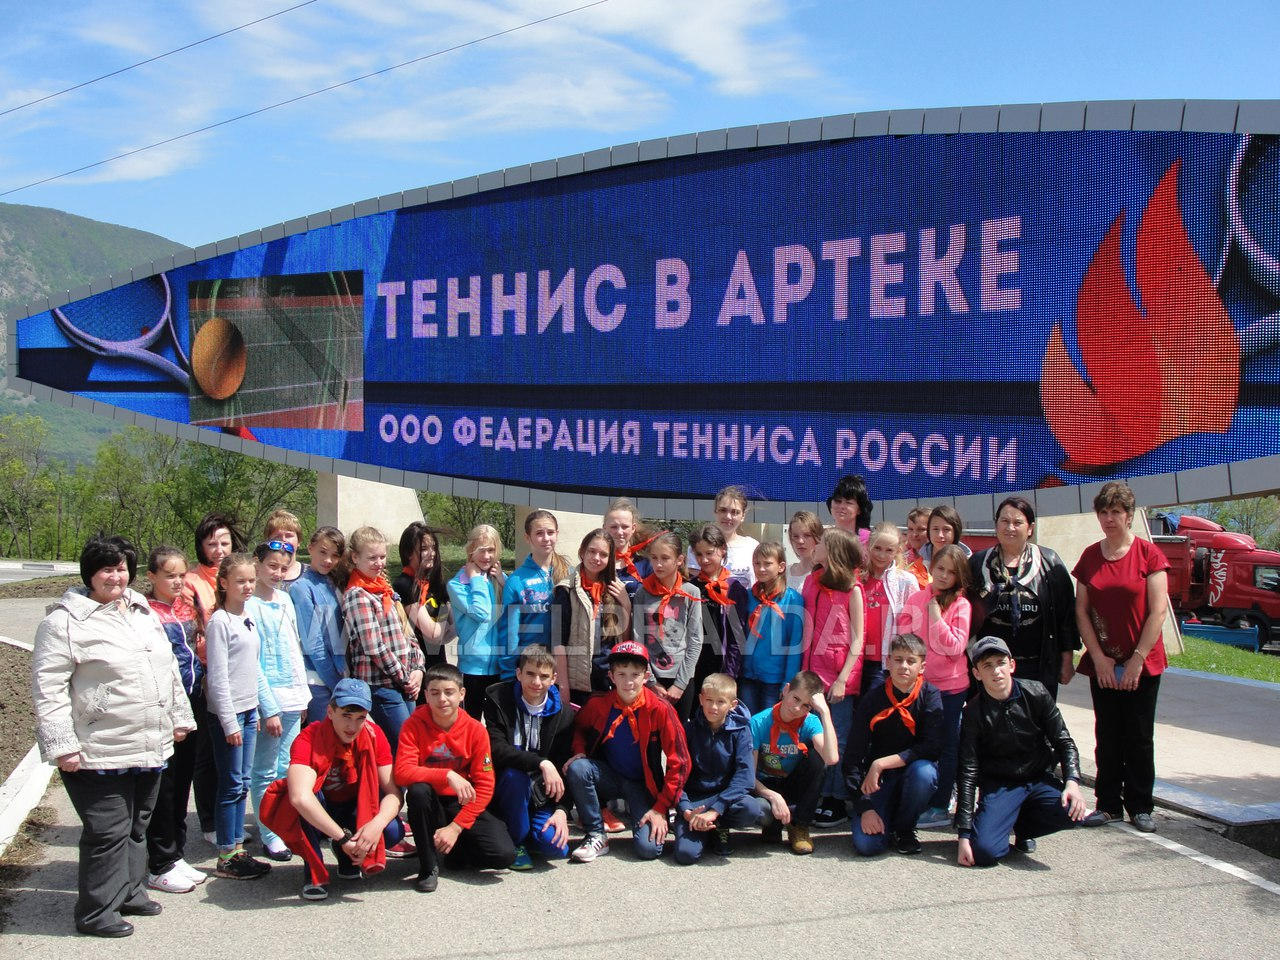 Делегация Зеленчукского районного отделения КПРФ посетила Международный детский центр «Артек»